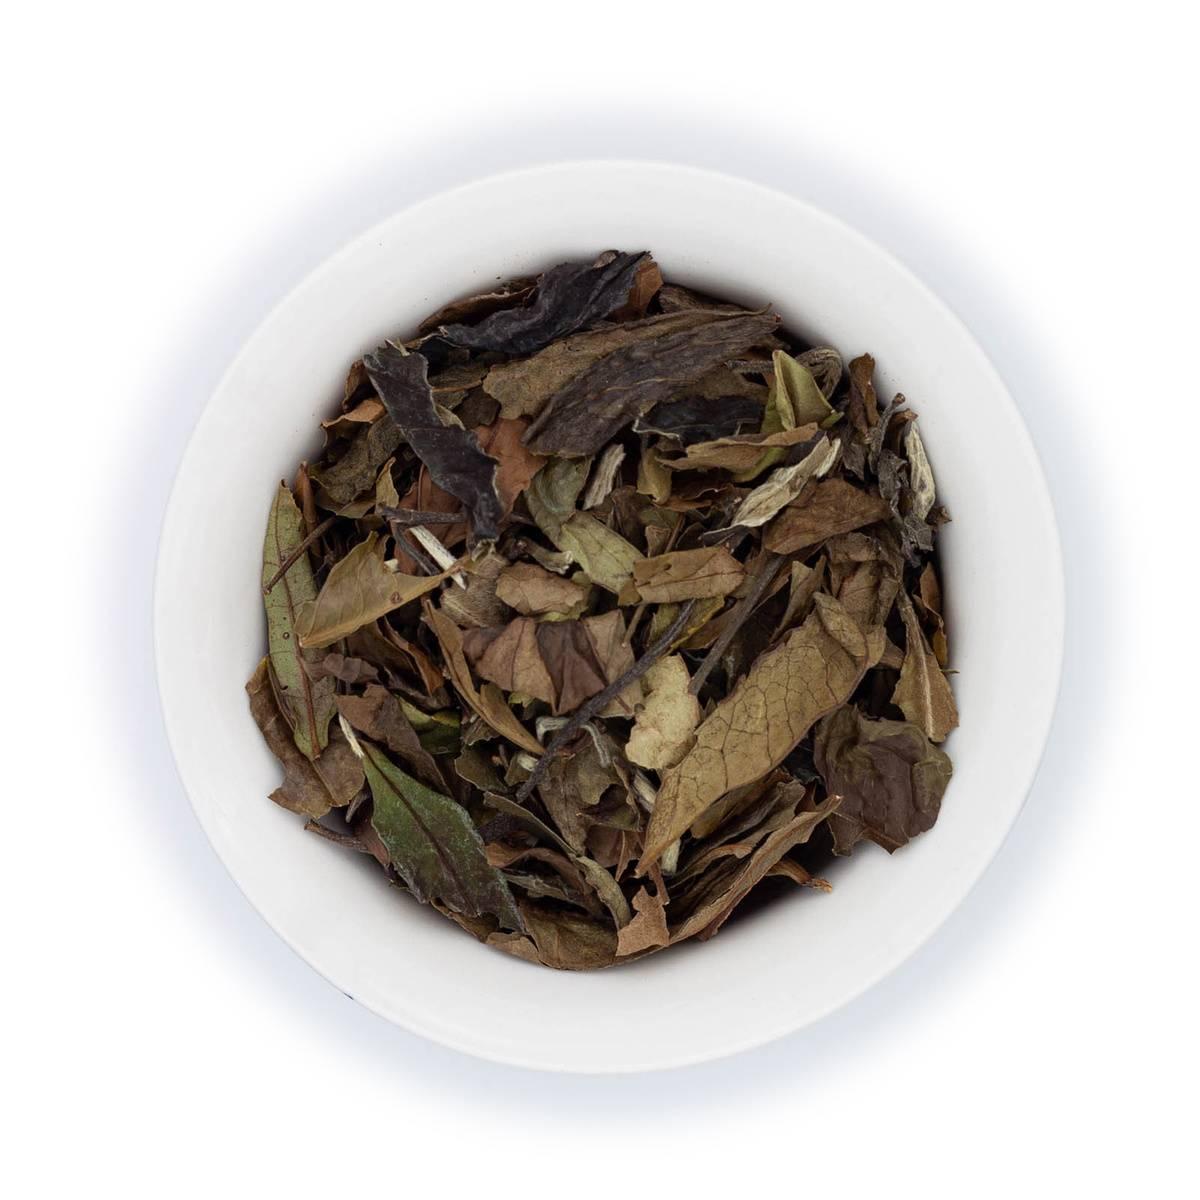 Чай бай му дань ( белый пион) – основная информация, описание, полезные свойства, как заваривать